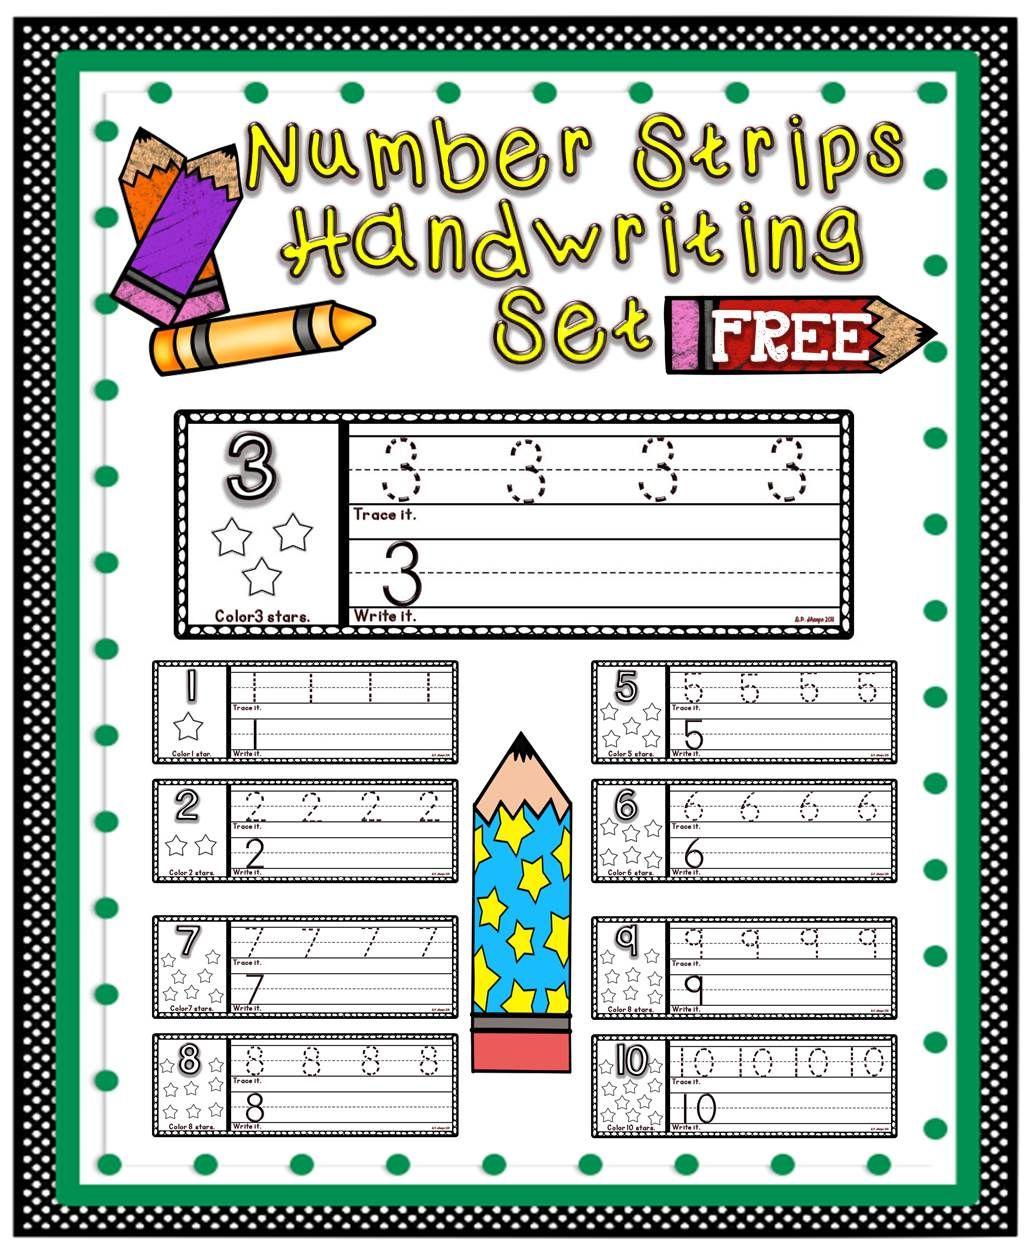 Number Strips Handwriting Set Free